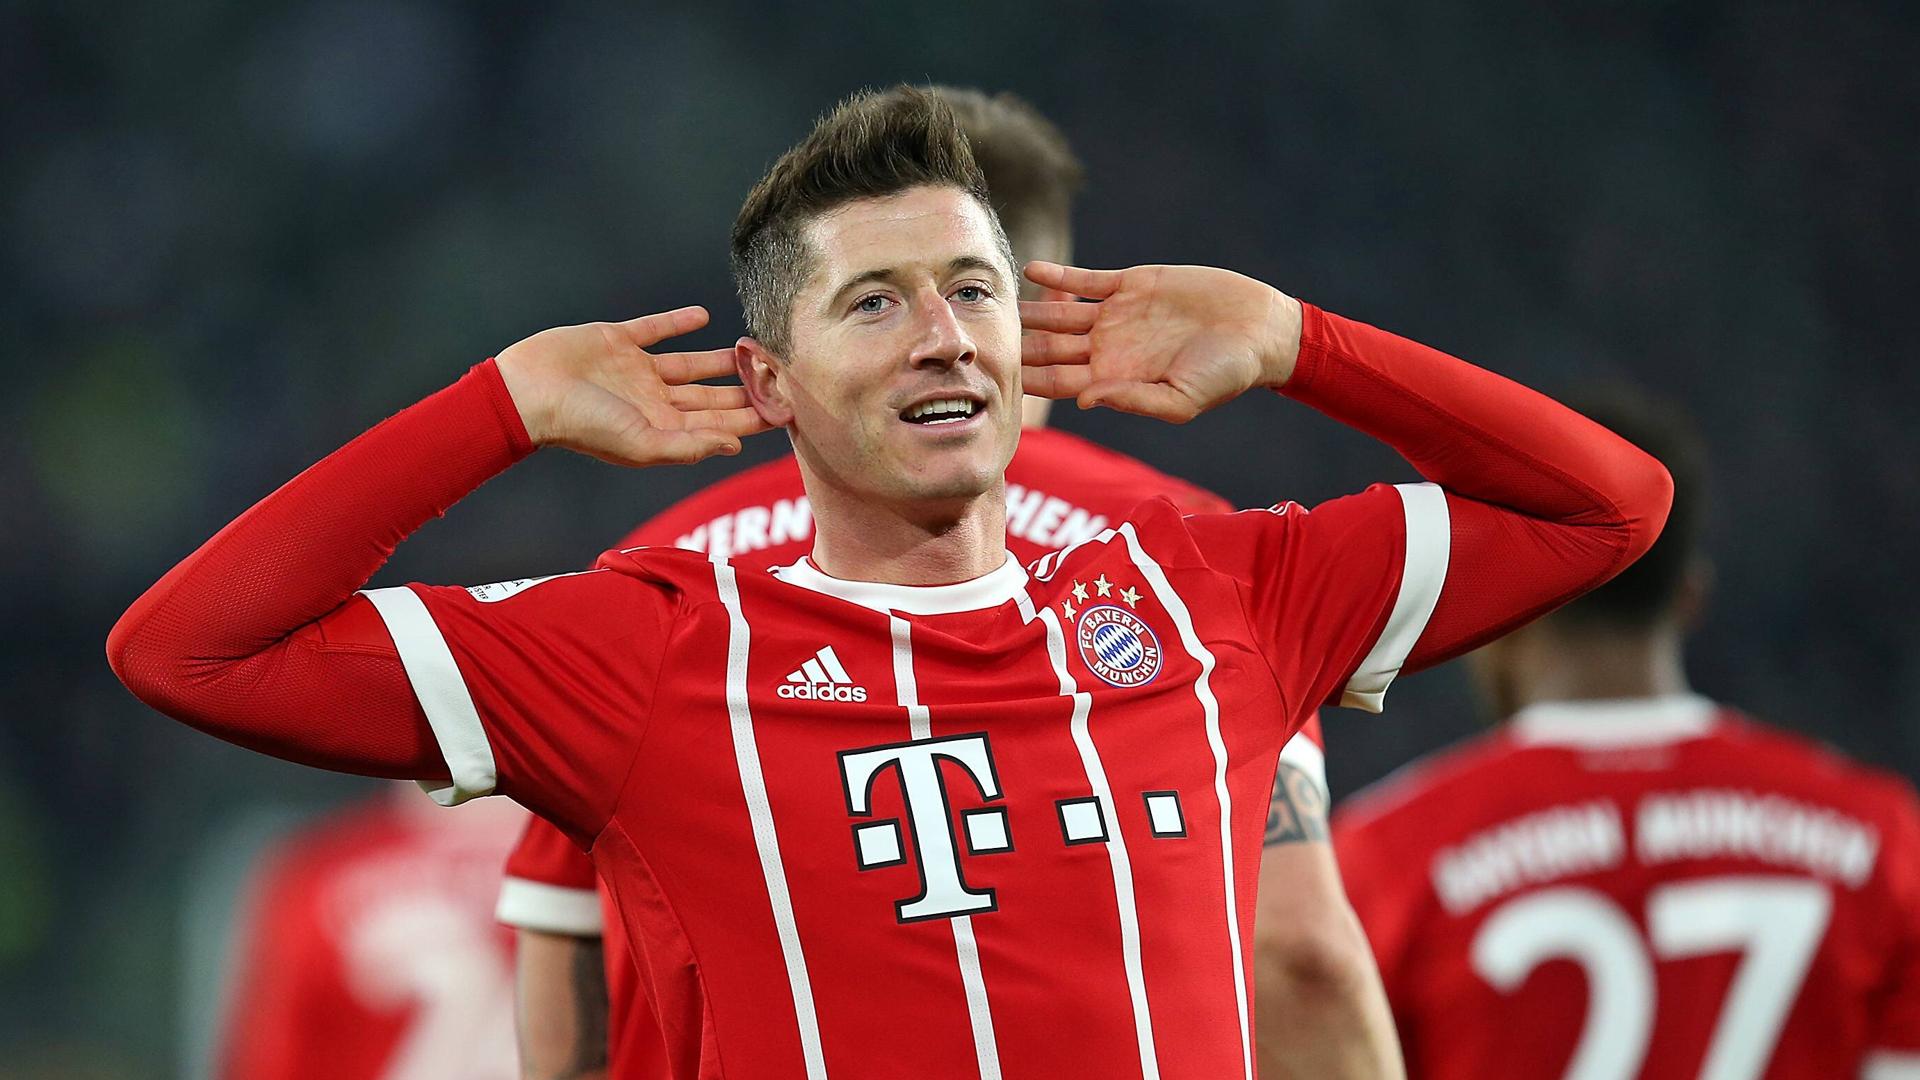 Lewandowski: «Es war kein gutes Spiel von uns» (ARD, Hans-Peter Pull)